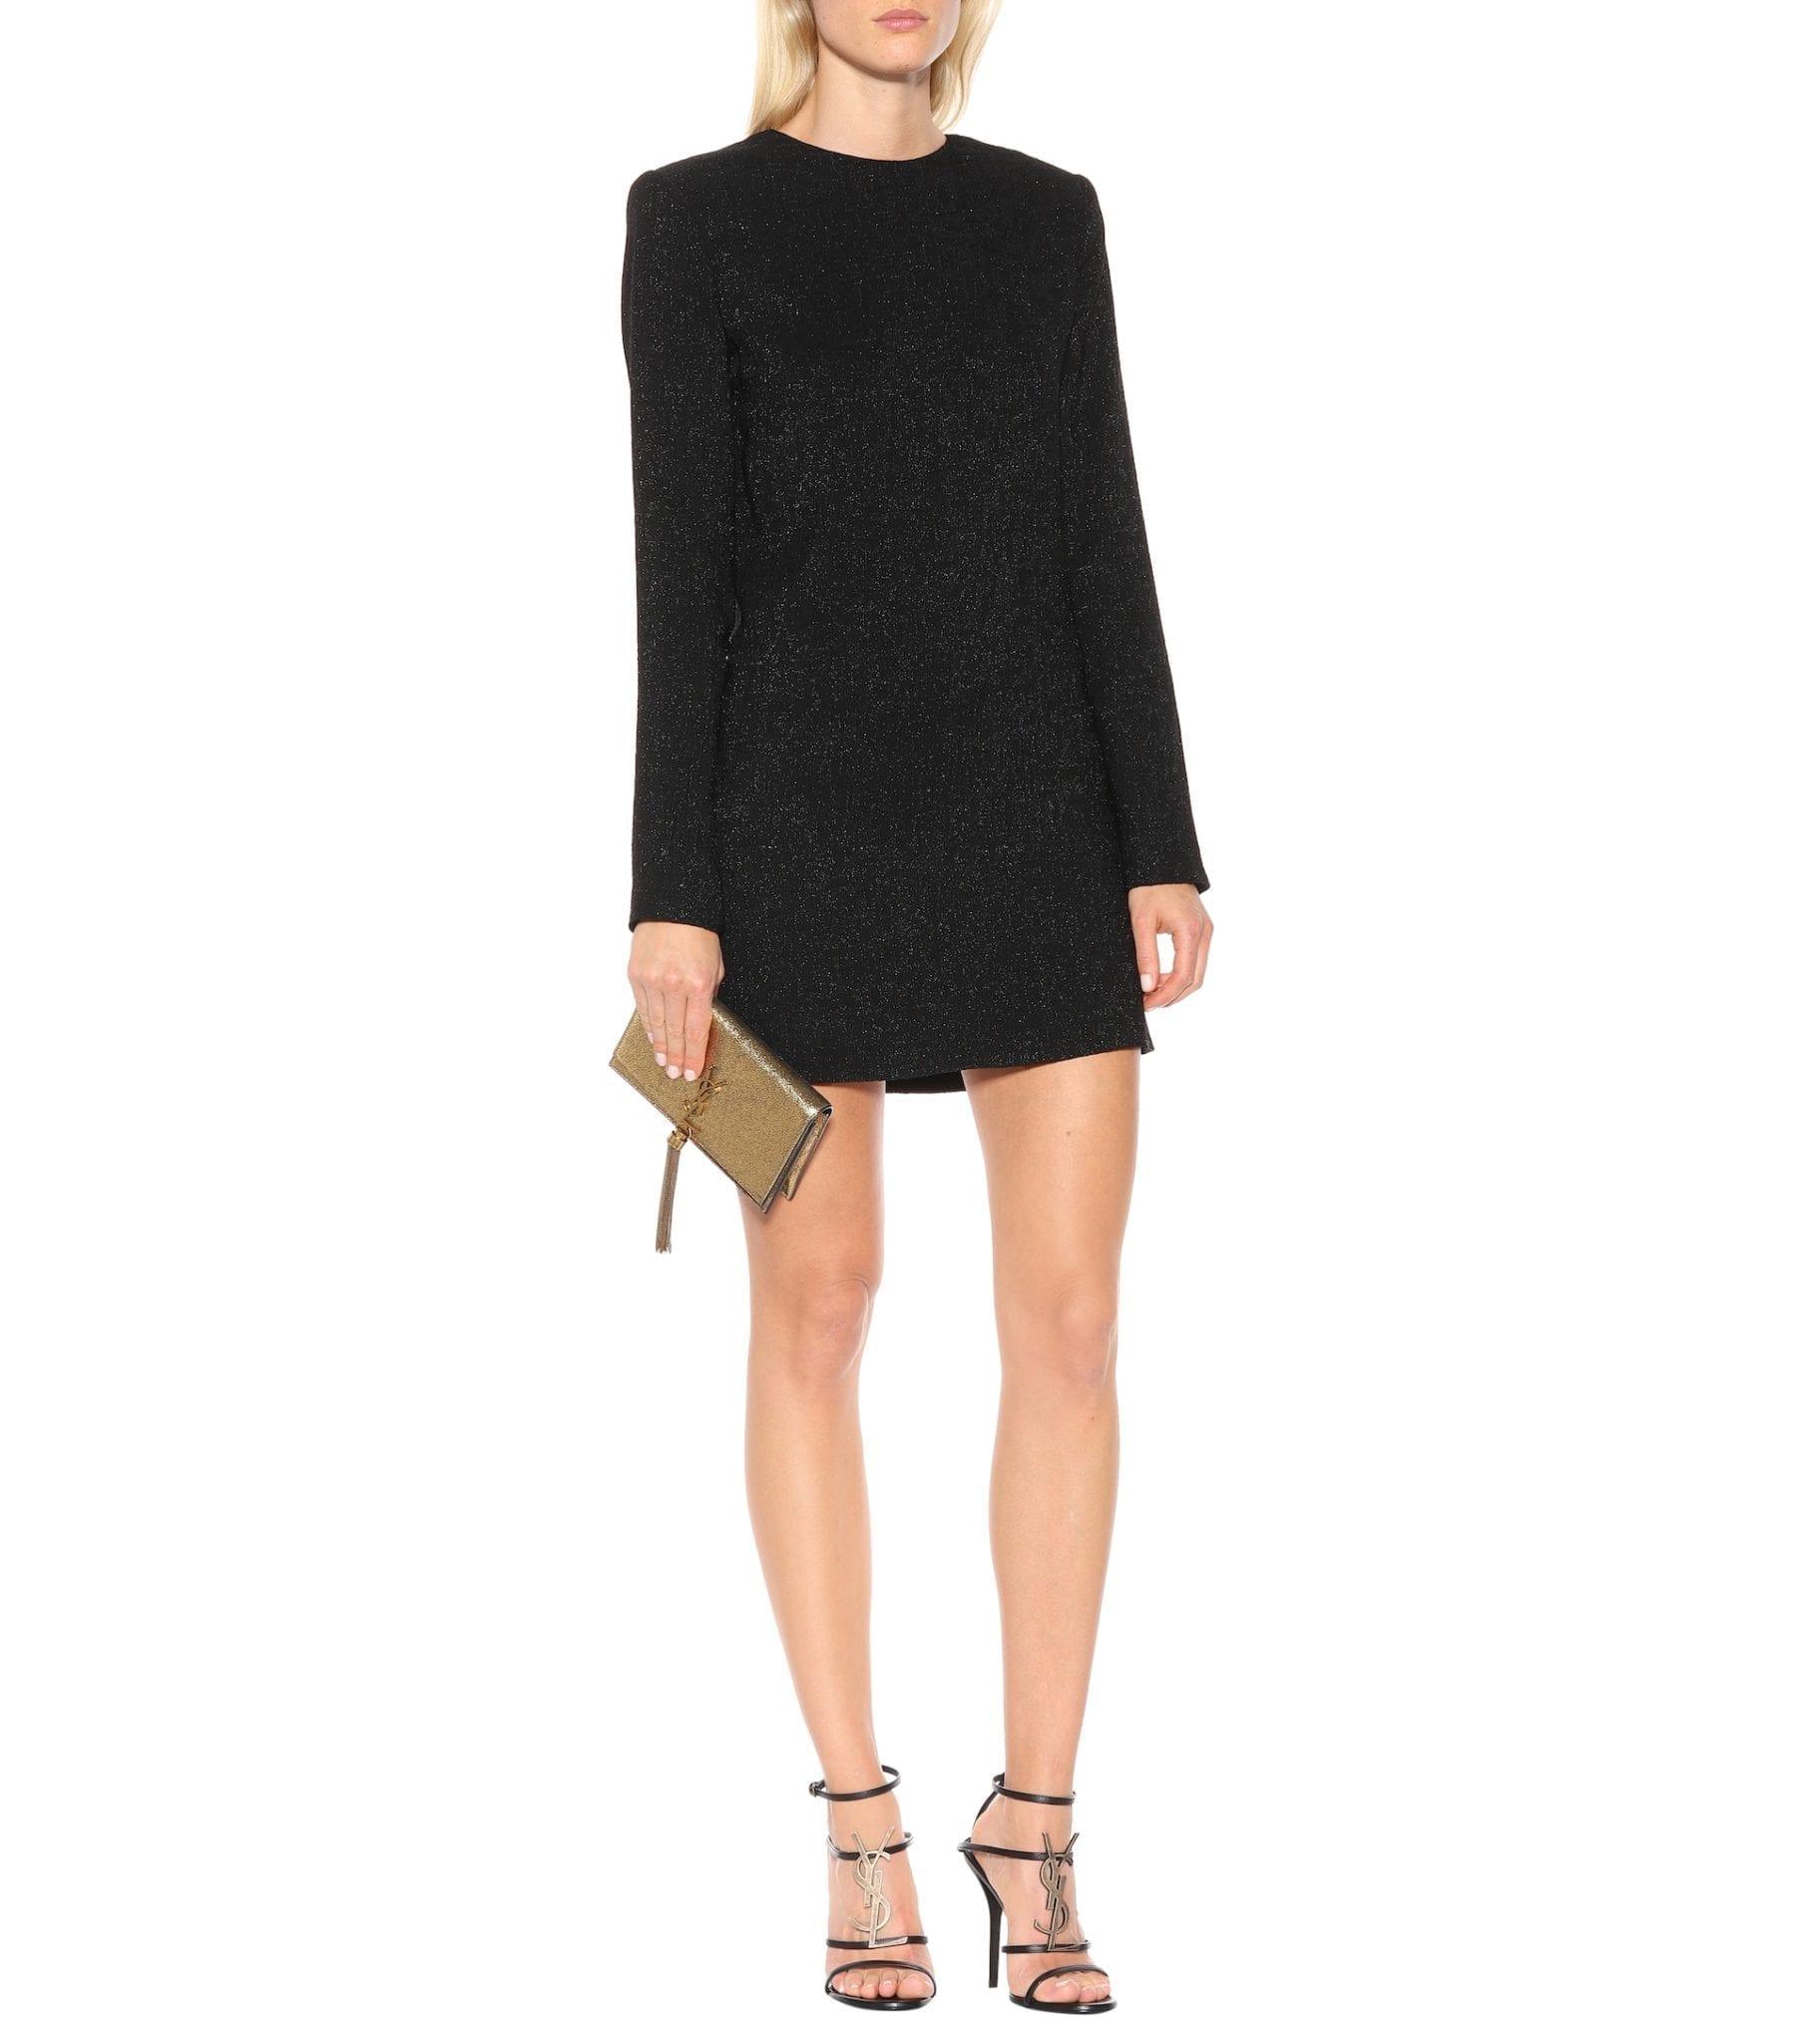 SAINT LAURENT Jacquard Mini Black Dress